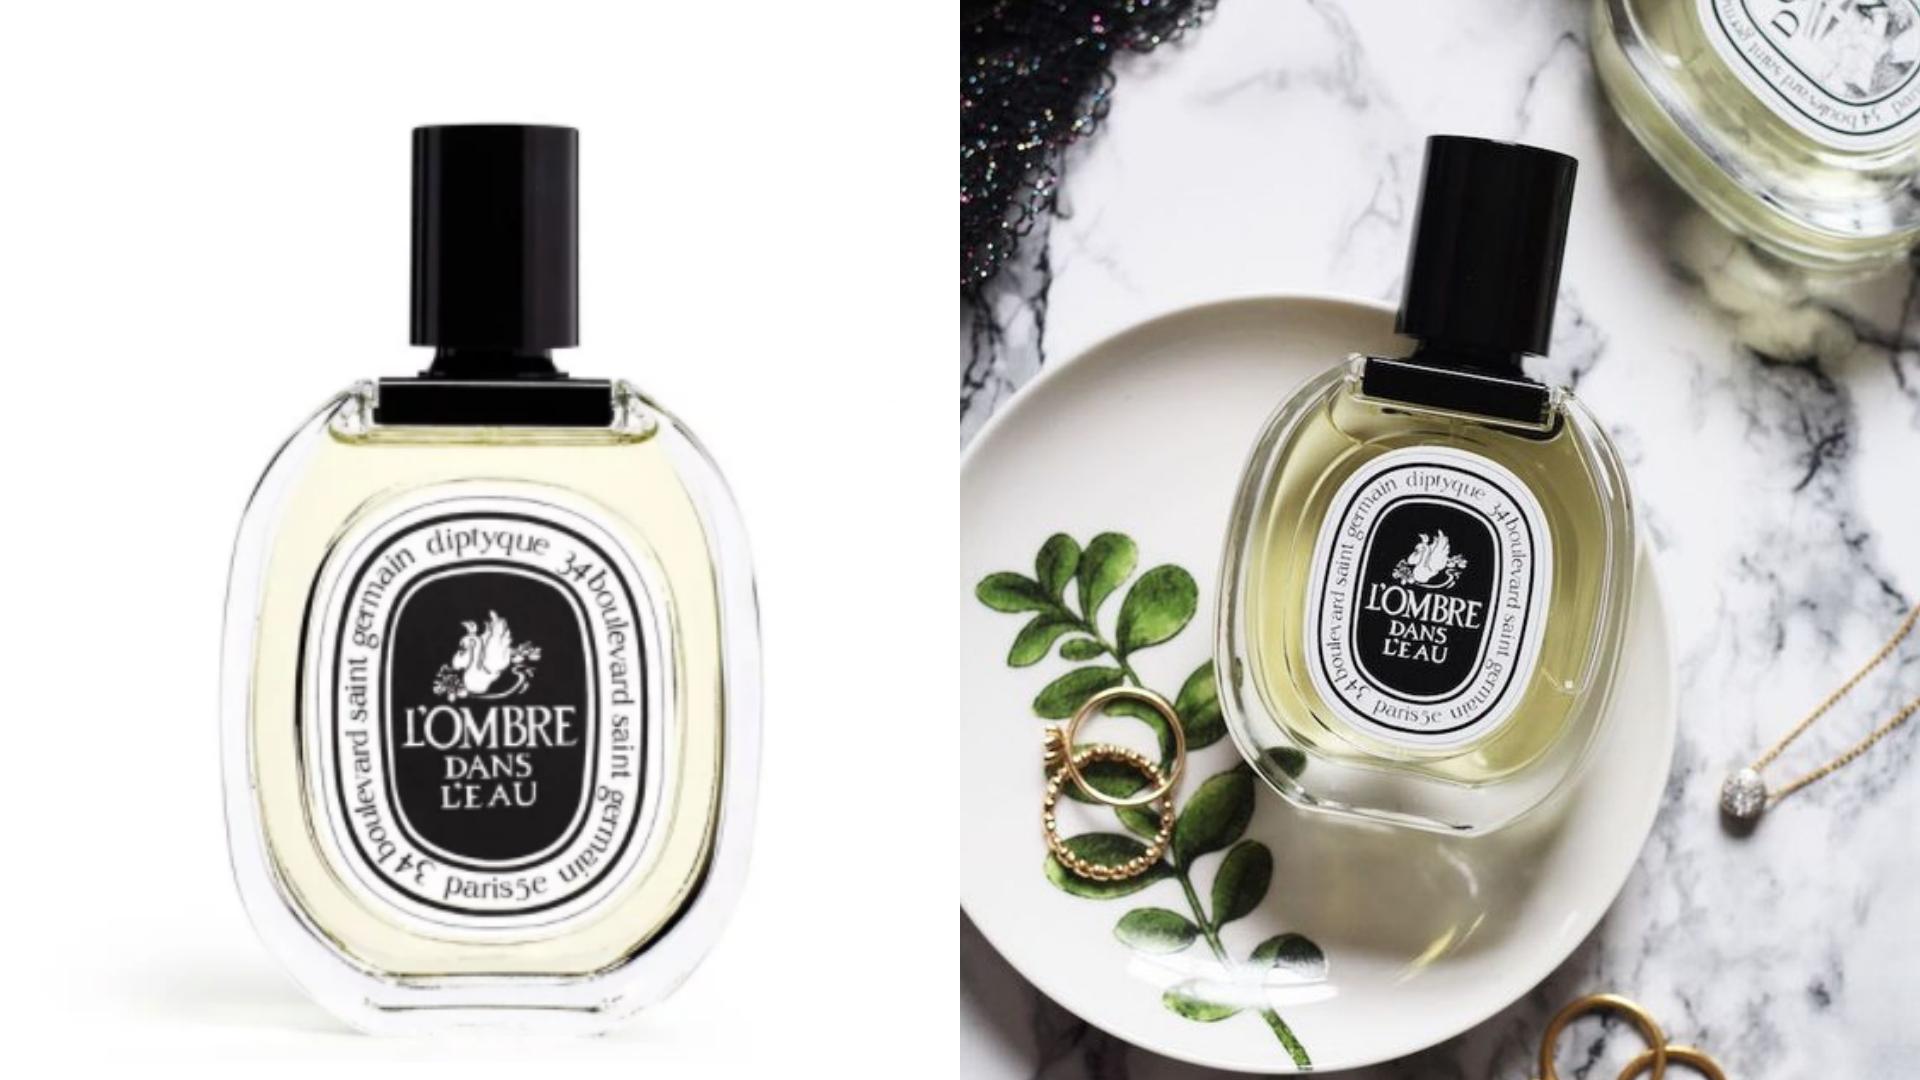 diptyque的每一支產品,都用香味記錄著生活的記憶、旅行的回憶,像是夏日裡普羅旺斯的清草地;與家人共渡的溫暖午後